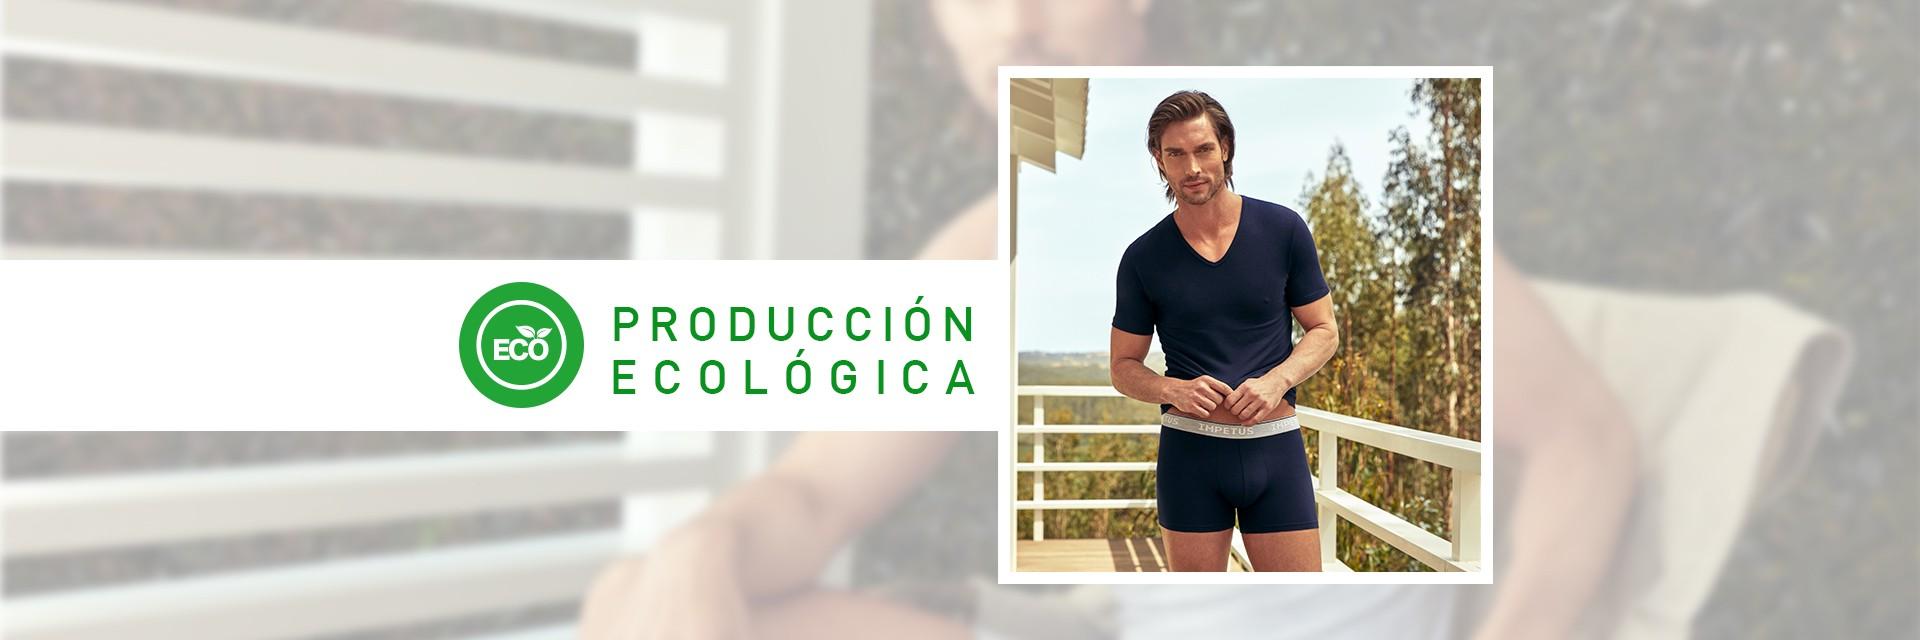 Colección de ropa interior a base de fibras orgánicas | Impetus Underwear_1